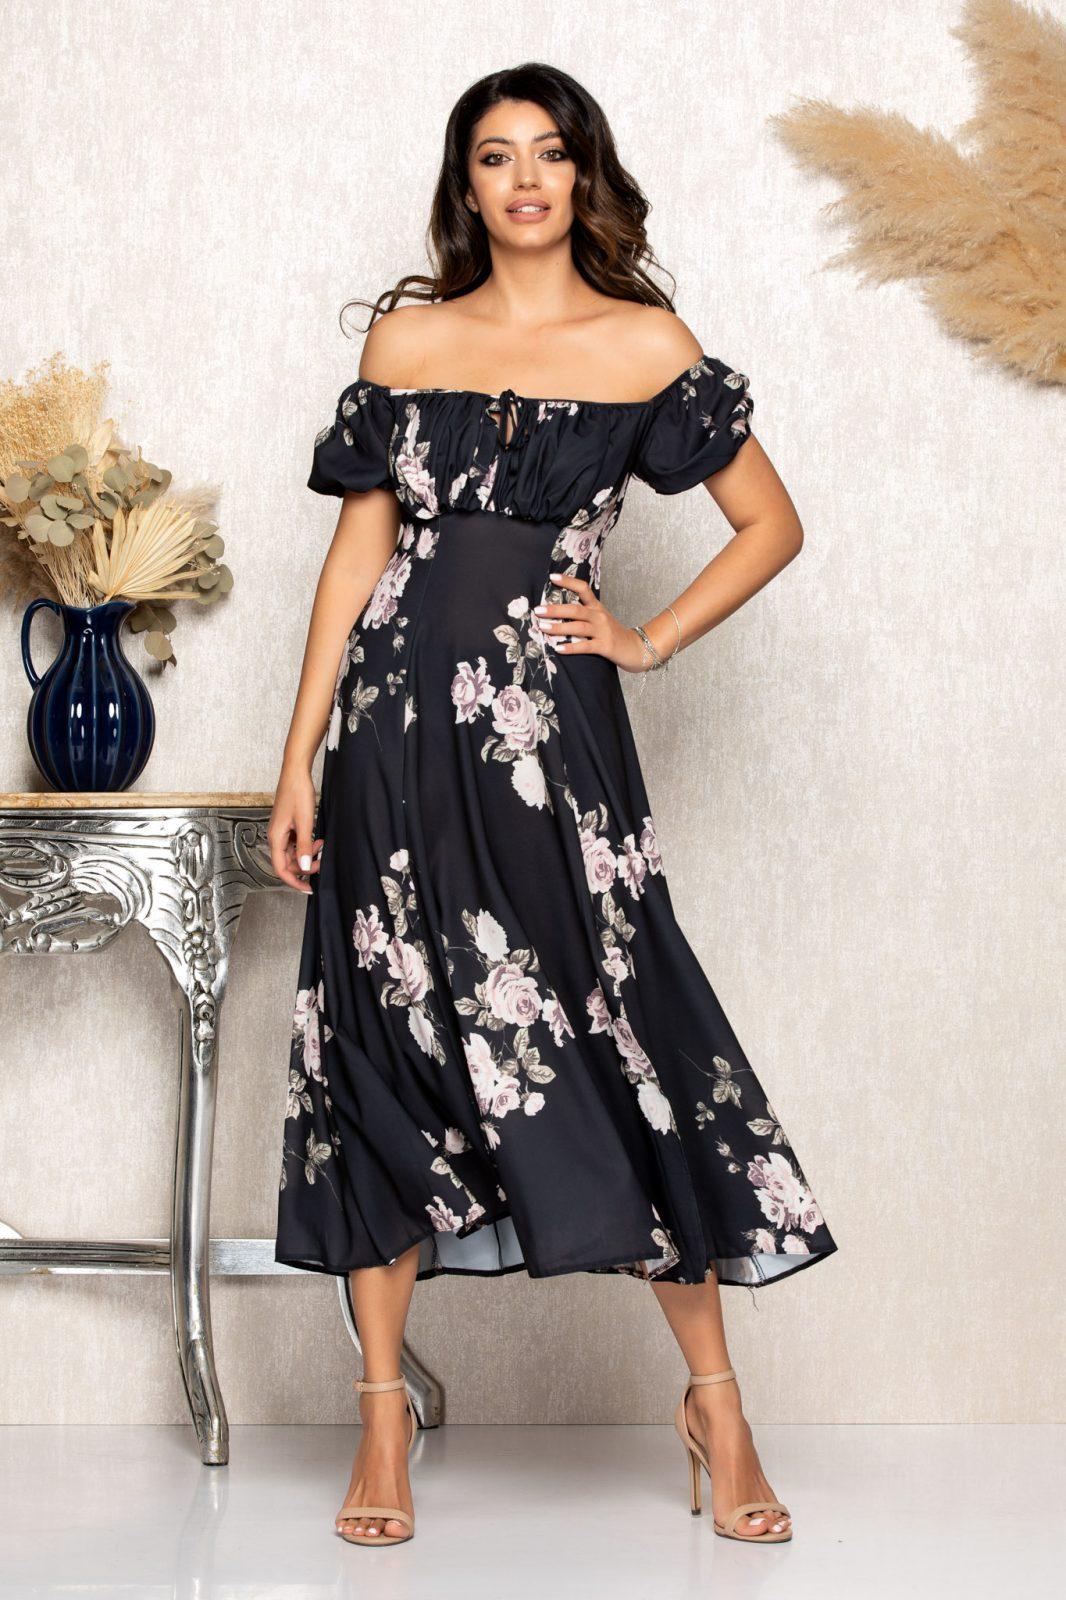 Μαύρο Μίντι Φλοράλ Φόρεμα Rory B151 1